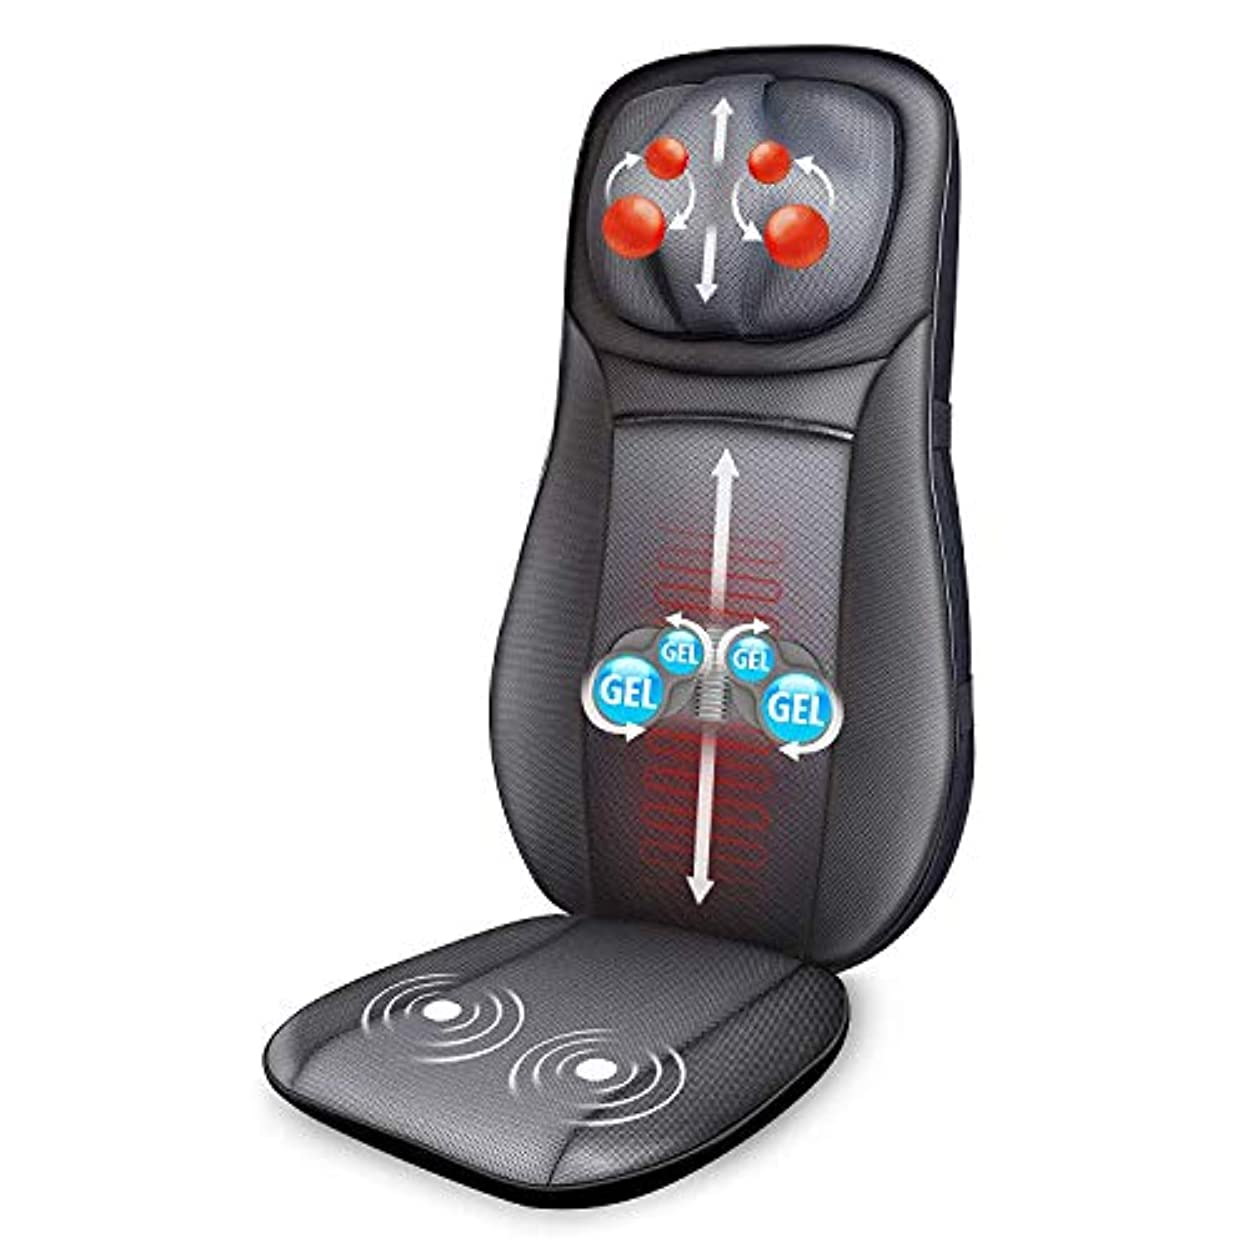 声を出して長くする蒸気Snailax Gel Shiatsu Neck & Back Massager - Gel Massage Nodes, Full Back Heating Pad, Kneading Shiatsu or Rolling...